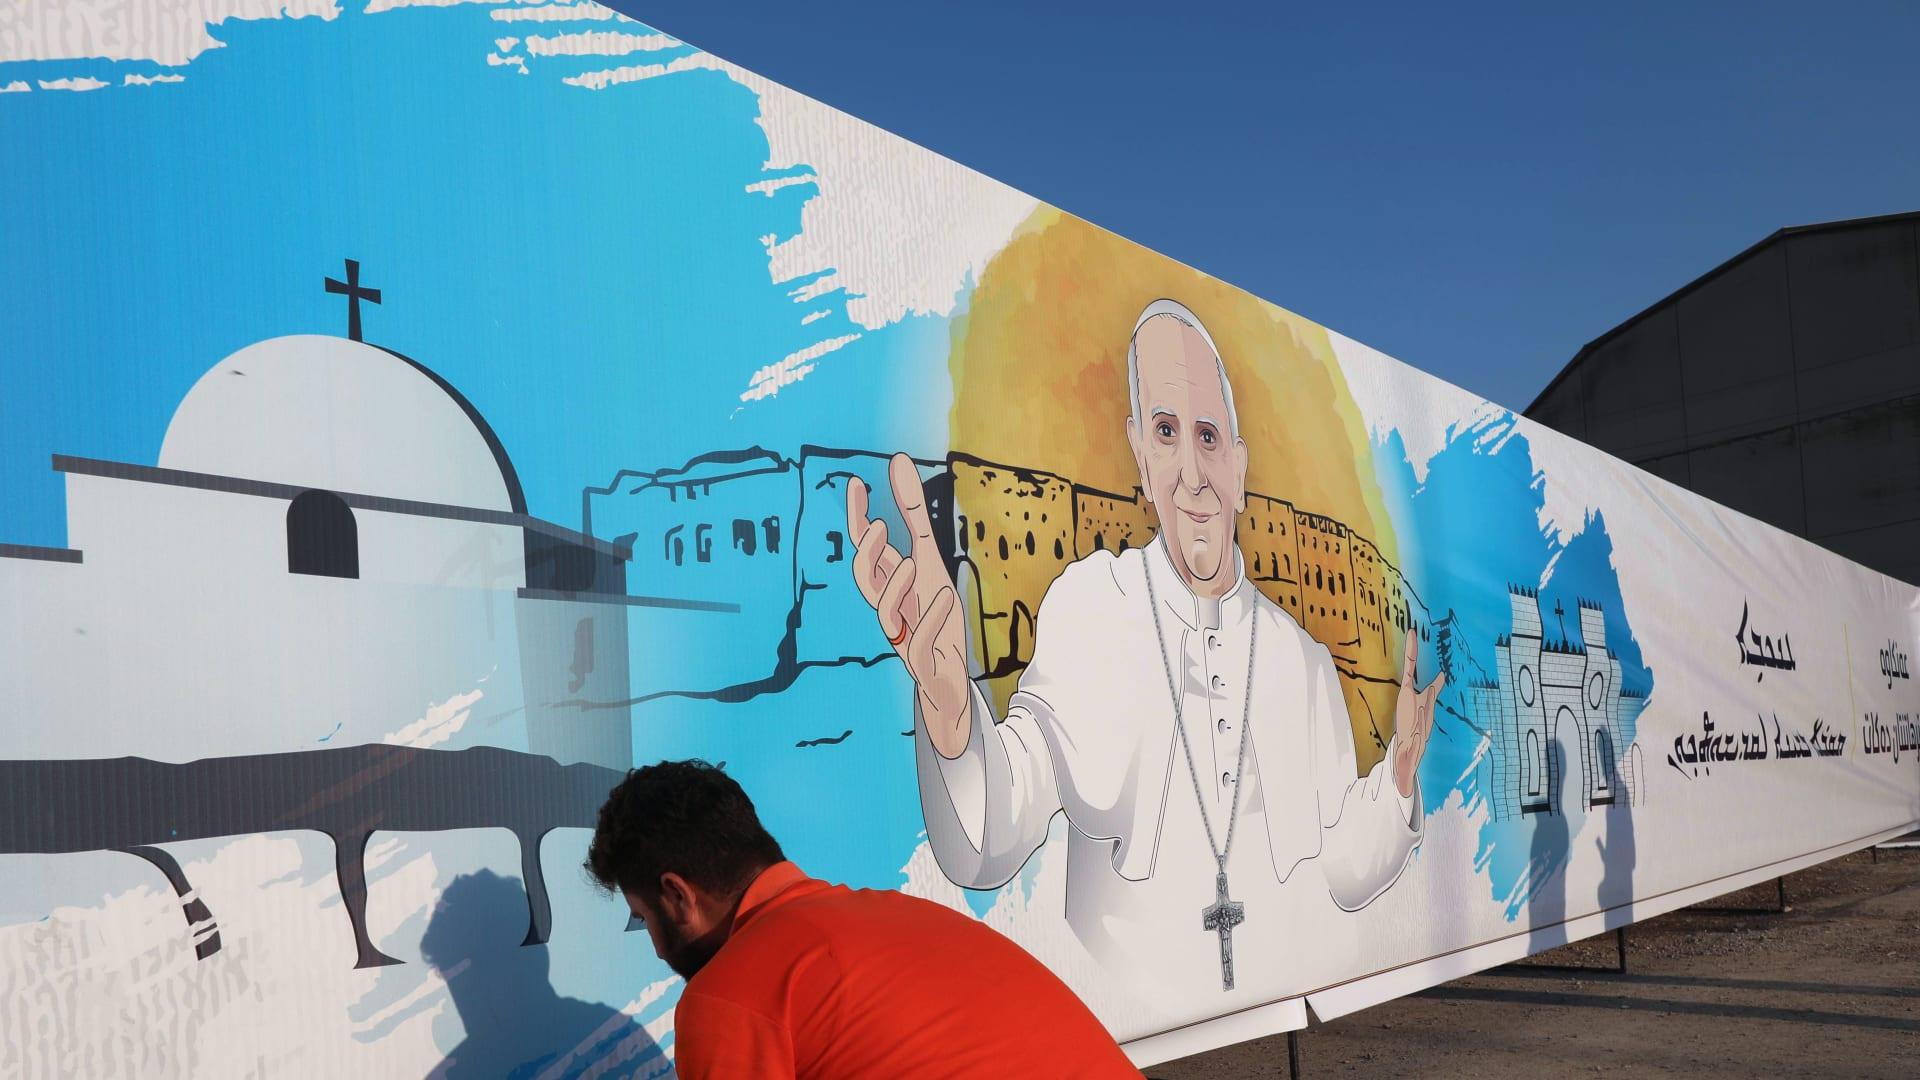 بابا الفاتيكان قبيل زيارته العراق غدًا: رحلة حج كنت أرغب فيها منذ فترة طويلة